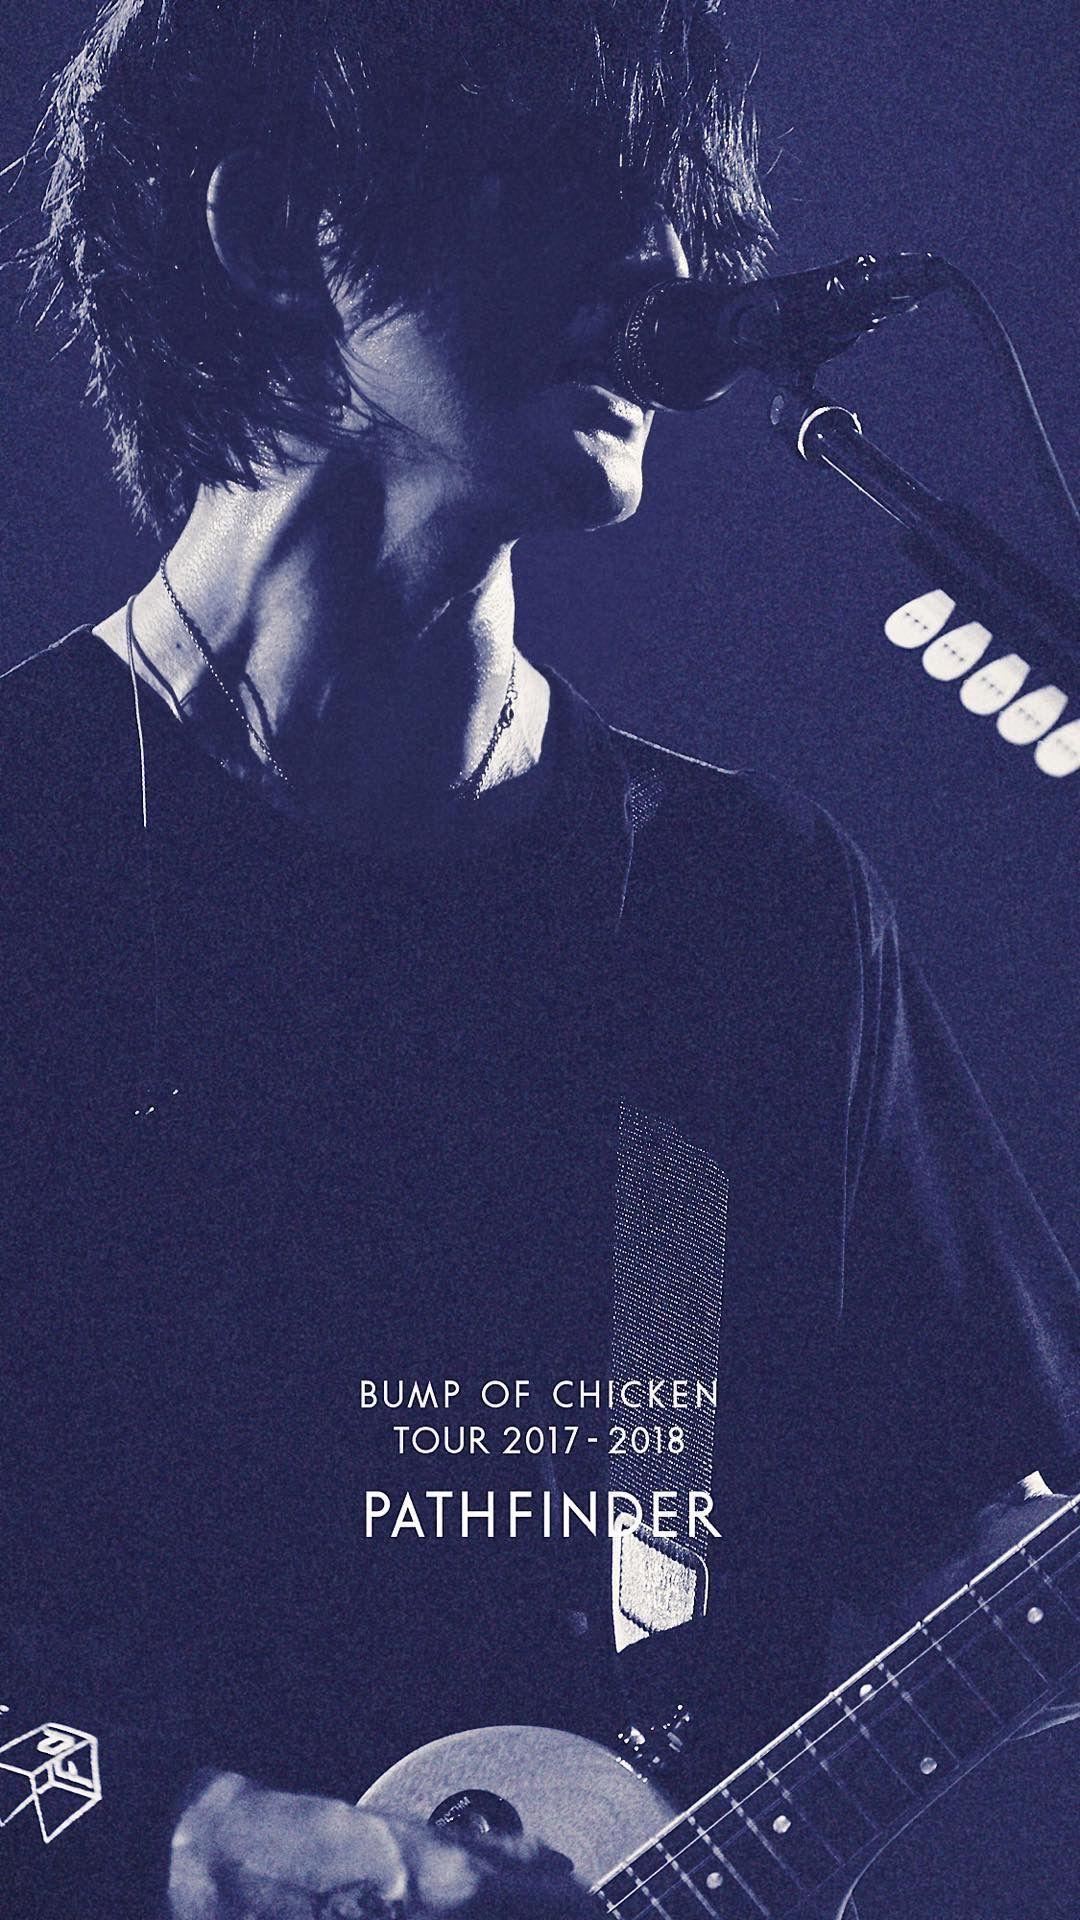 Bump Of Chicken おしゃれまとめの人気アイデア Pinterest Tashimi 画像あり 藤くん 面白い画像 藤